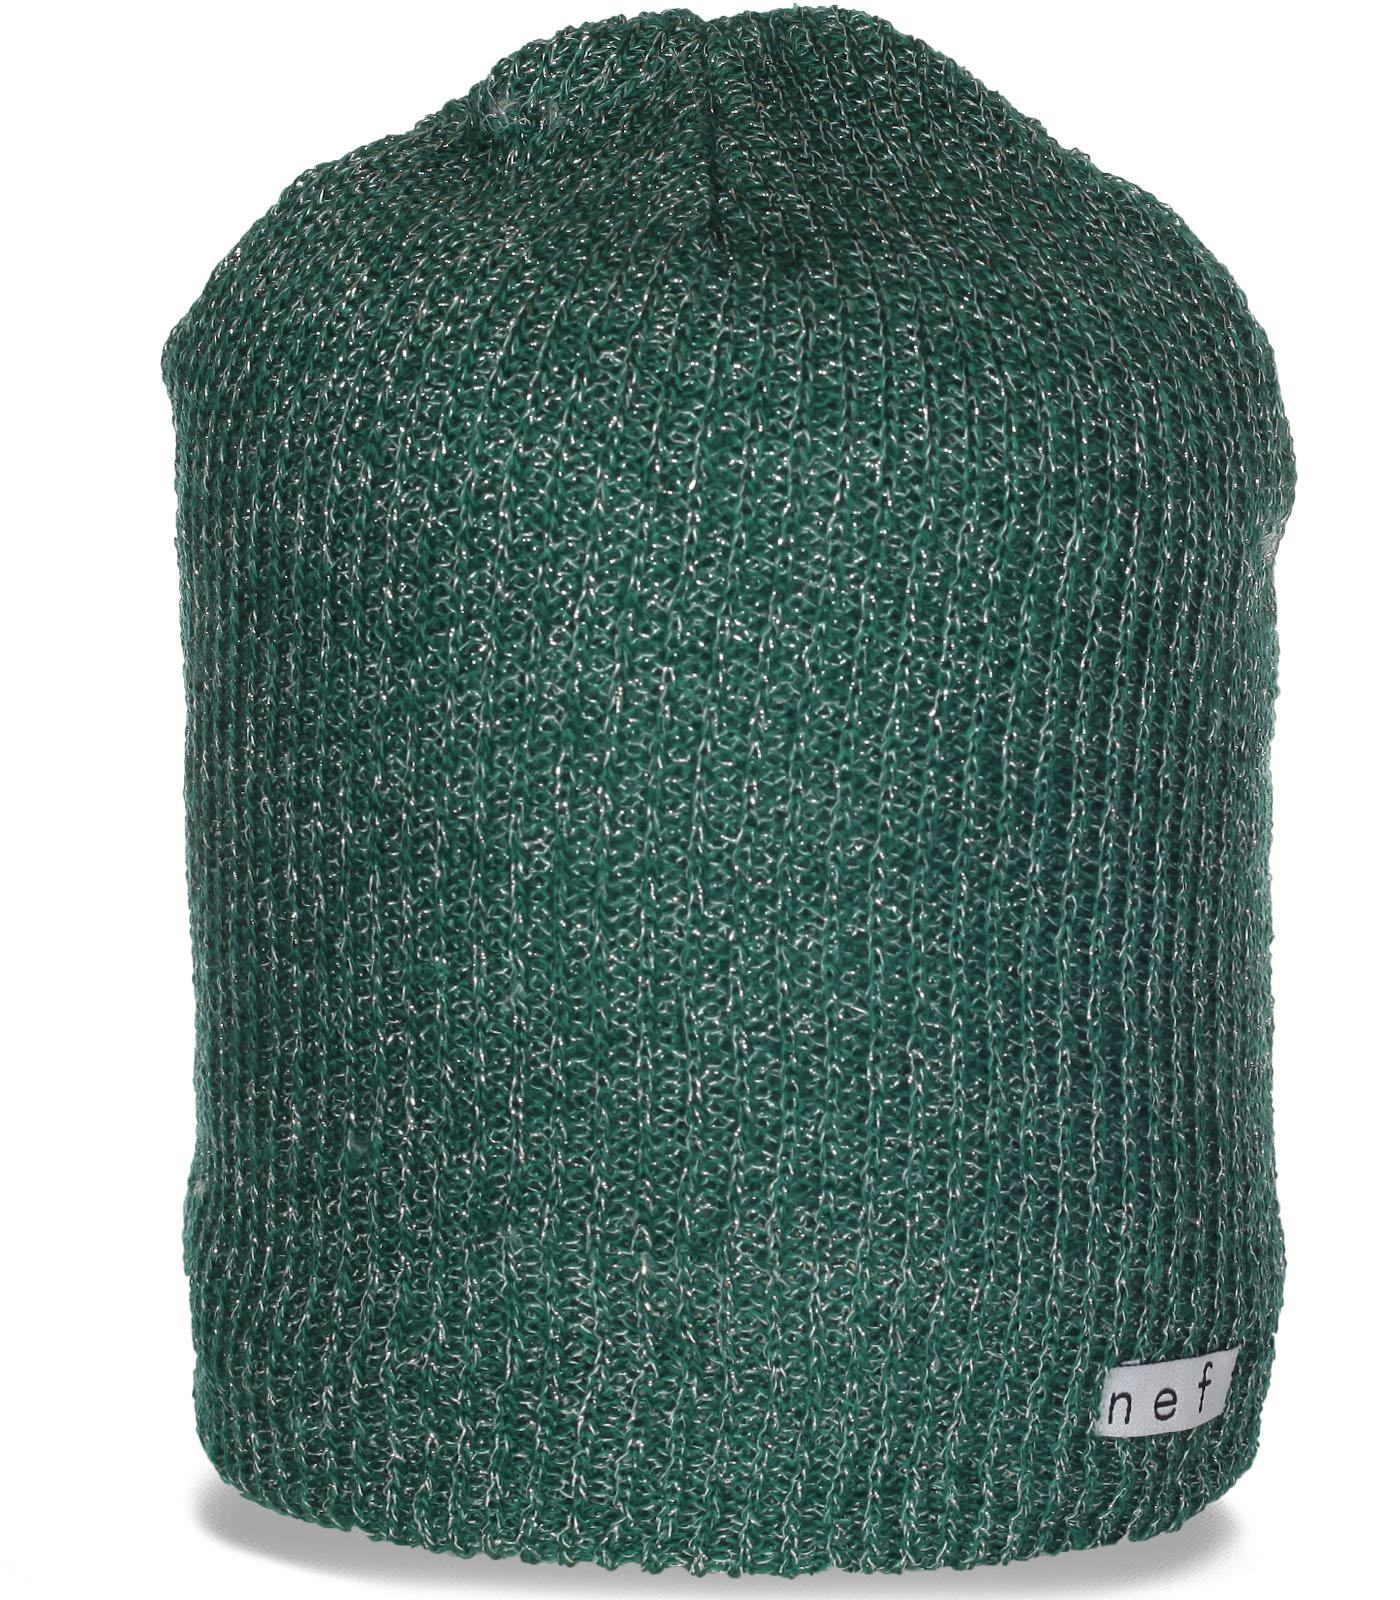 Меланжевая женская шапка бини люксового бренда Neff и модно и комфортно и уютно